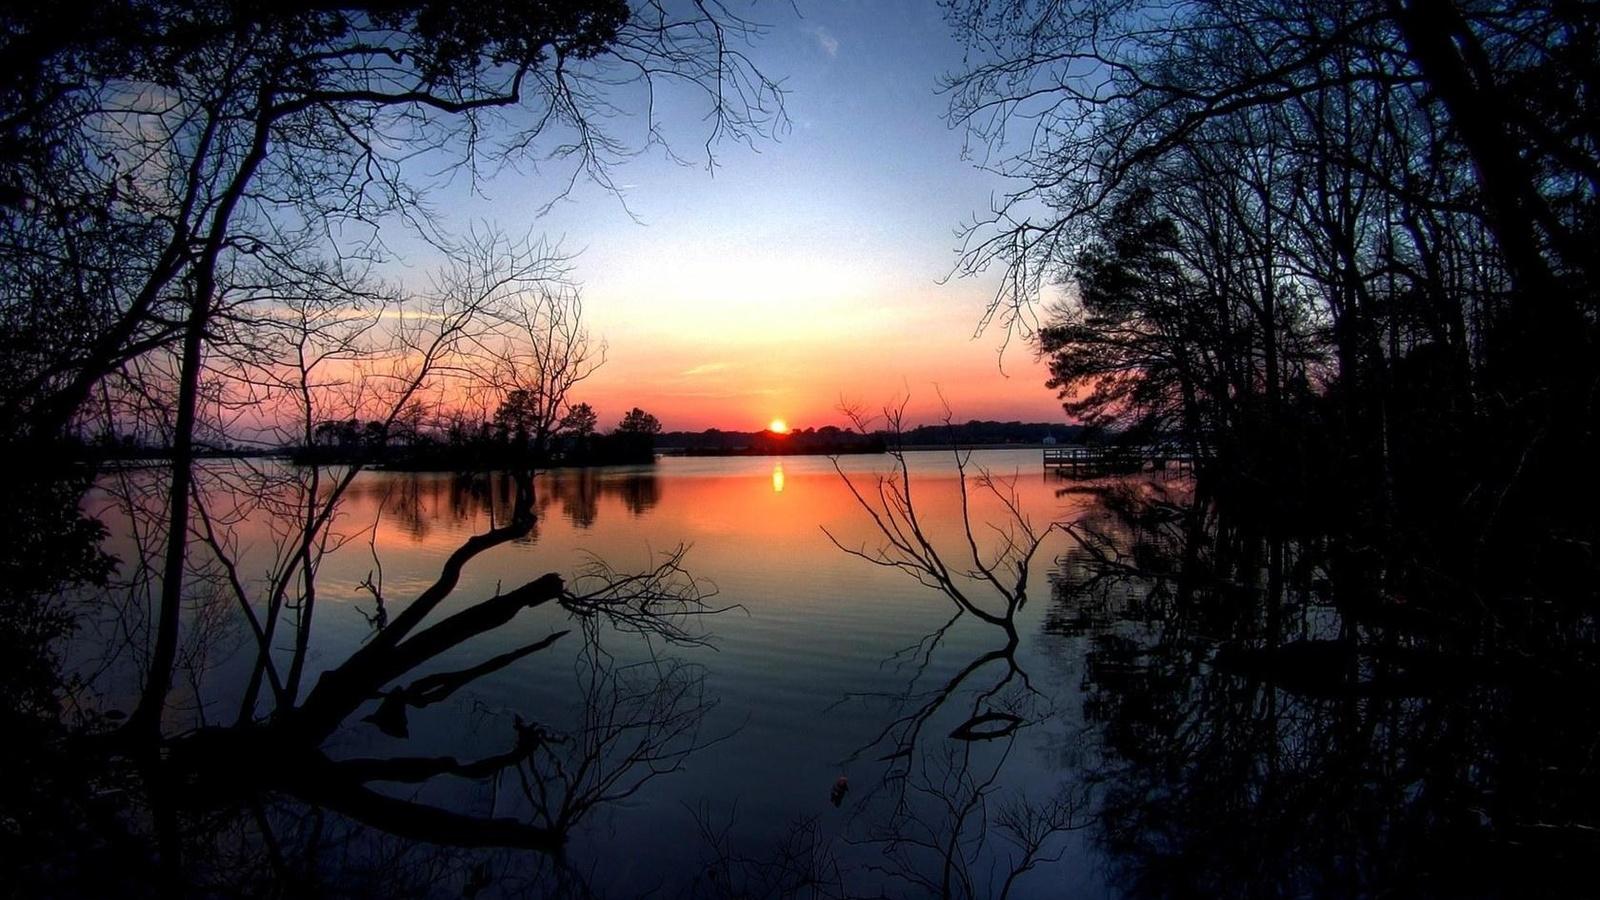 вода, деревья, закат, природа